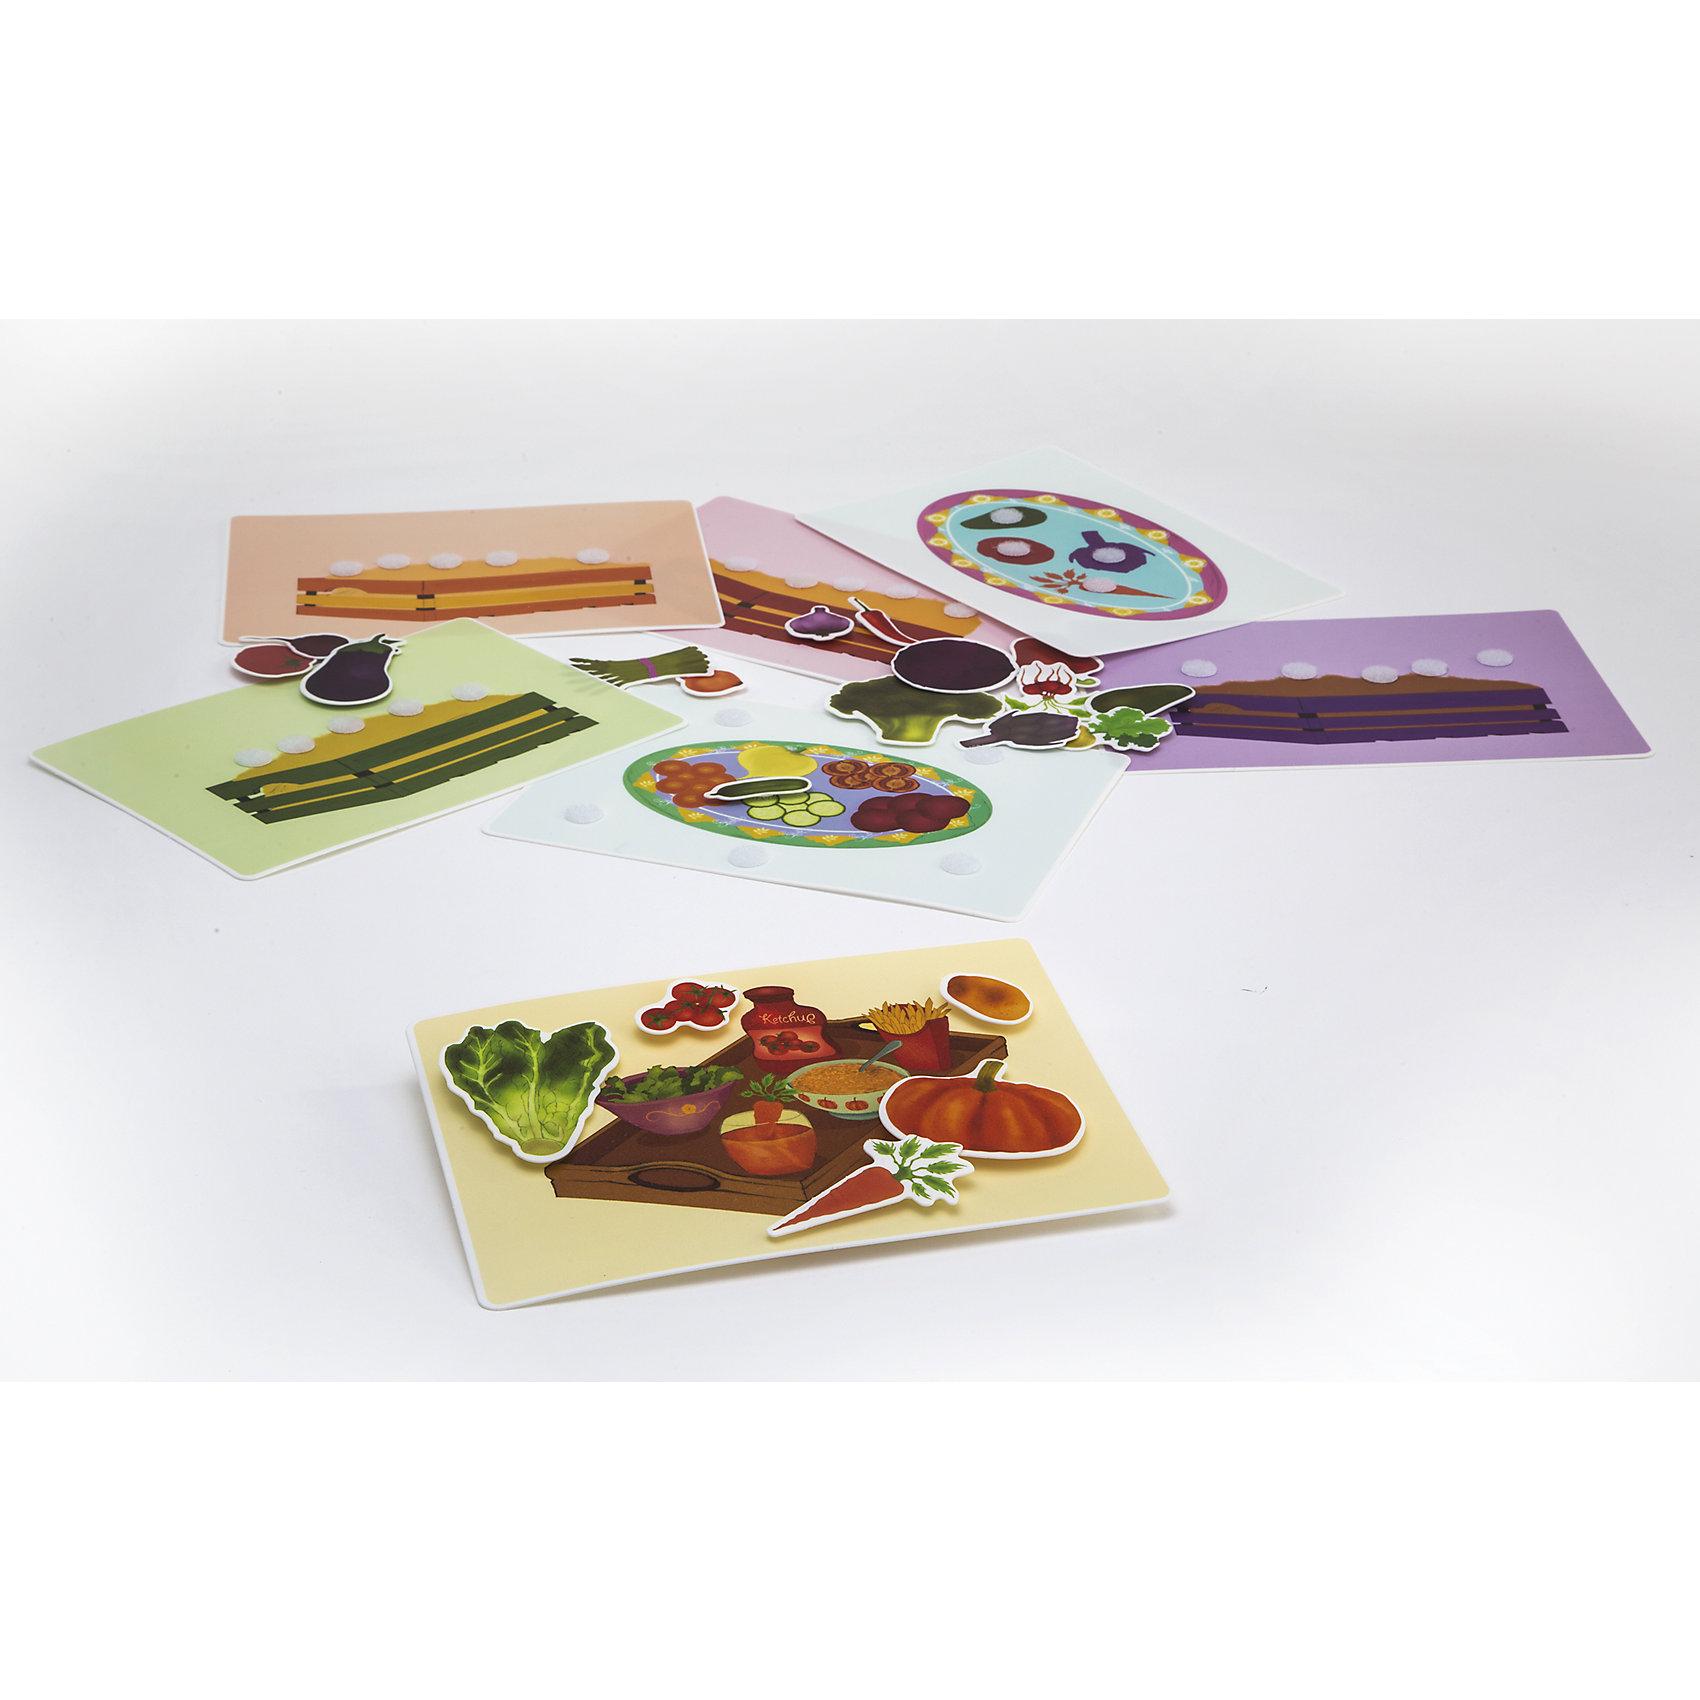 Игра Овощная корзинка, PicnMixЕсли Вы хотите занять малыша чем-то увлекательным и в то же время полезным, то игра Овощная корзинка, от Pic`n Mix - то, что Вы искали! В забавной игровой форме кроха легко выучит названия овощей, их цвета и даже блюда, которые из них готовят. Игра выполнена из безопасных материалов и прекрасно подходит для малышей. Кроха будет с удовольствием заполнять семь ярких игровых полей, приклеивая на них овощи. Пазл-липучка Овощная корзинка будет способствовать развитию логического мышления, памяти, а также мелкой моторики рук.<br><br>Дополнительная информация:<br><br>- Развивает логику, память, мелкую моторику;<br>- 7 игровых полей;<br>- Яркие цвета;<br>- Размер упаковки: 25 х 16 х 5,2 см;<br>- Вес: 300 г<br><br>Игру Овощная корзинка, Pic`n Mix можно купить в нашем интернет-магазине.<br><br>Ширина мм: 250<br>Глубина мм: 160<br>Высота мм: 52<br>Вес г: 300<br>Возраст от месяцев: 36<br>Возраст до месяцев: 60<br>Пол: Унисекс<br>Возраст: Детский<br>SKU: 4089713